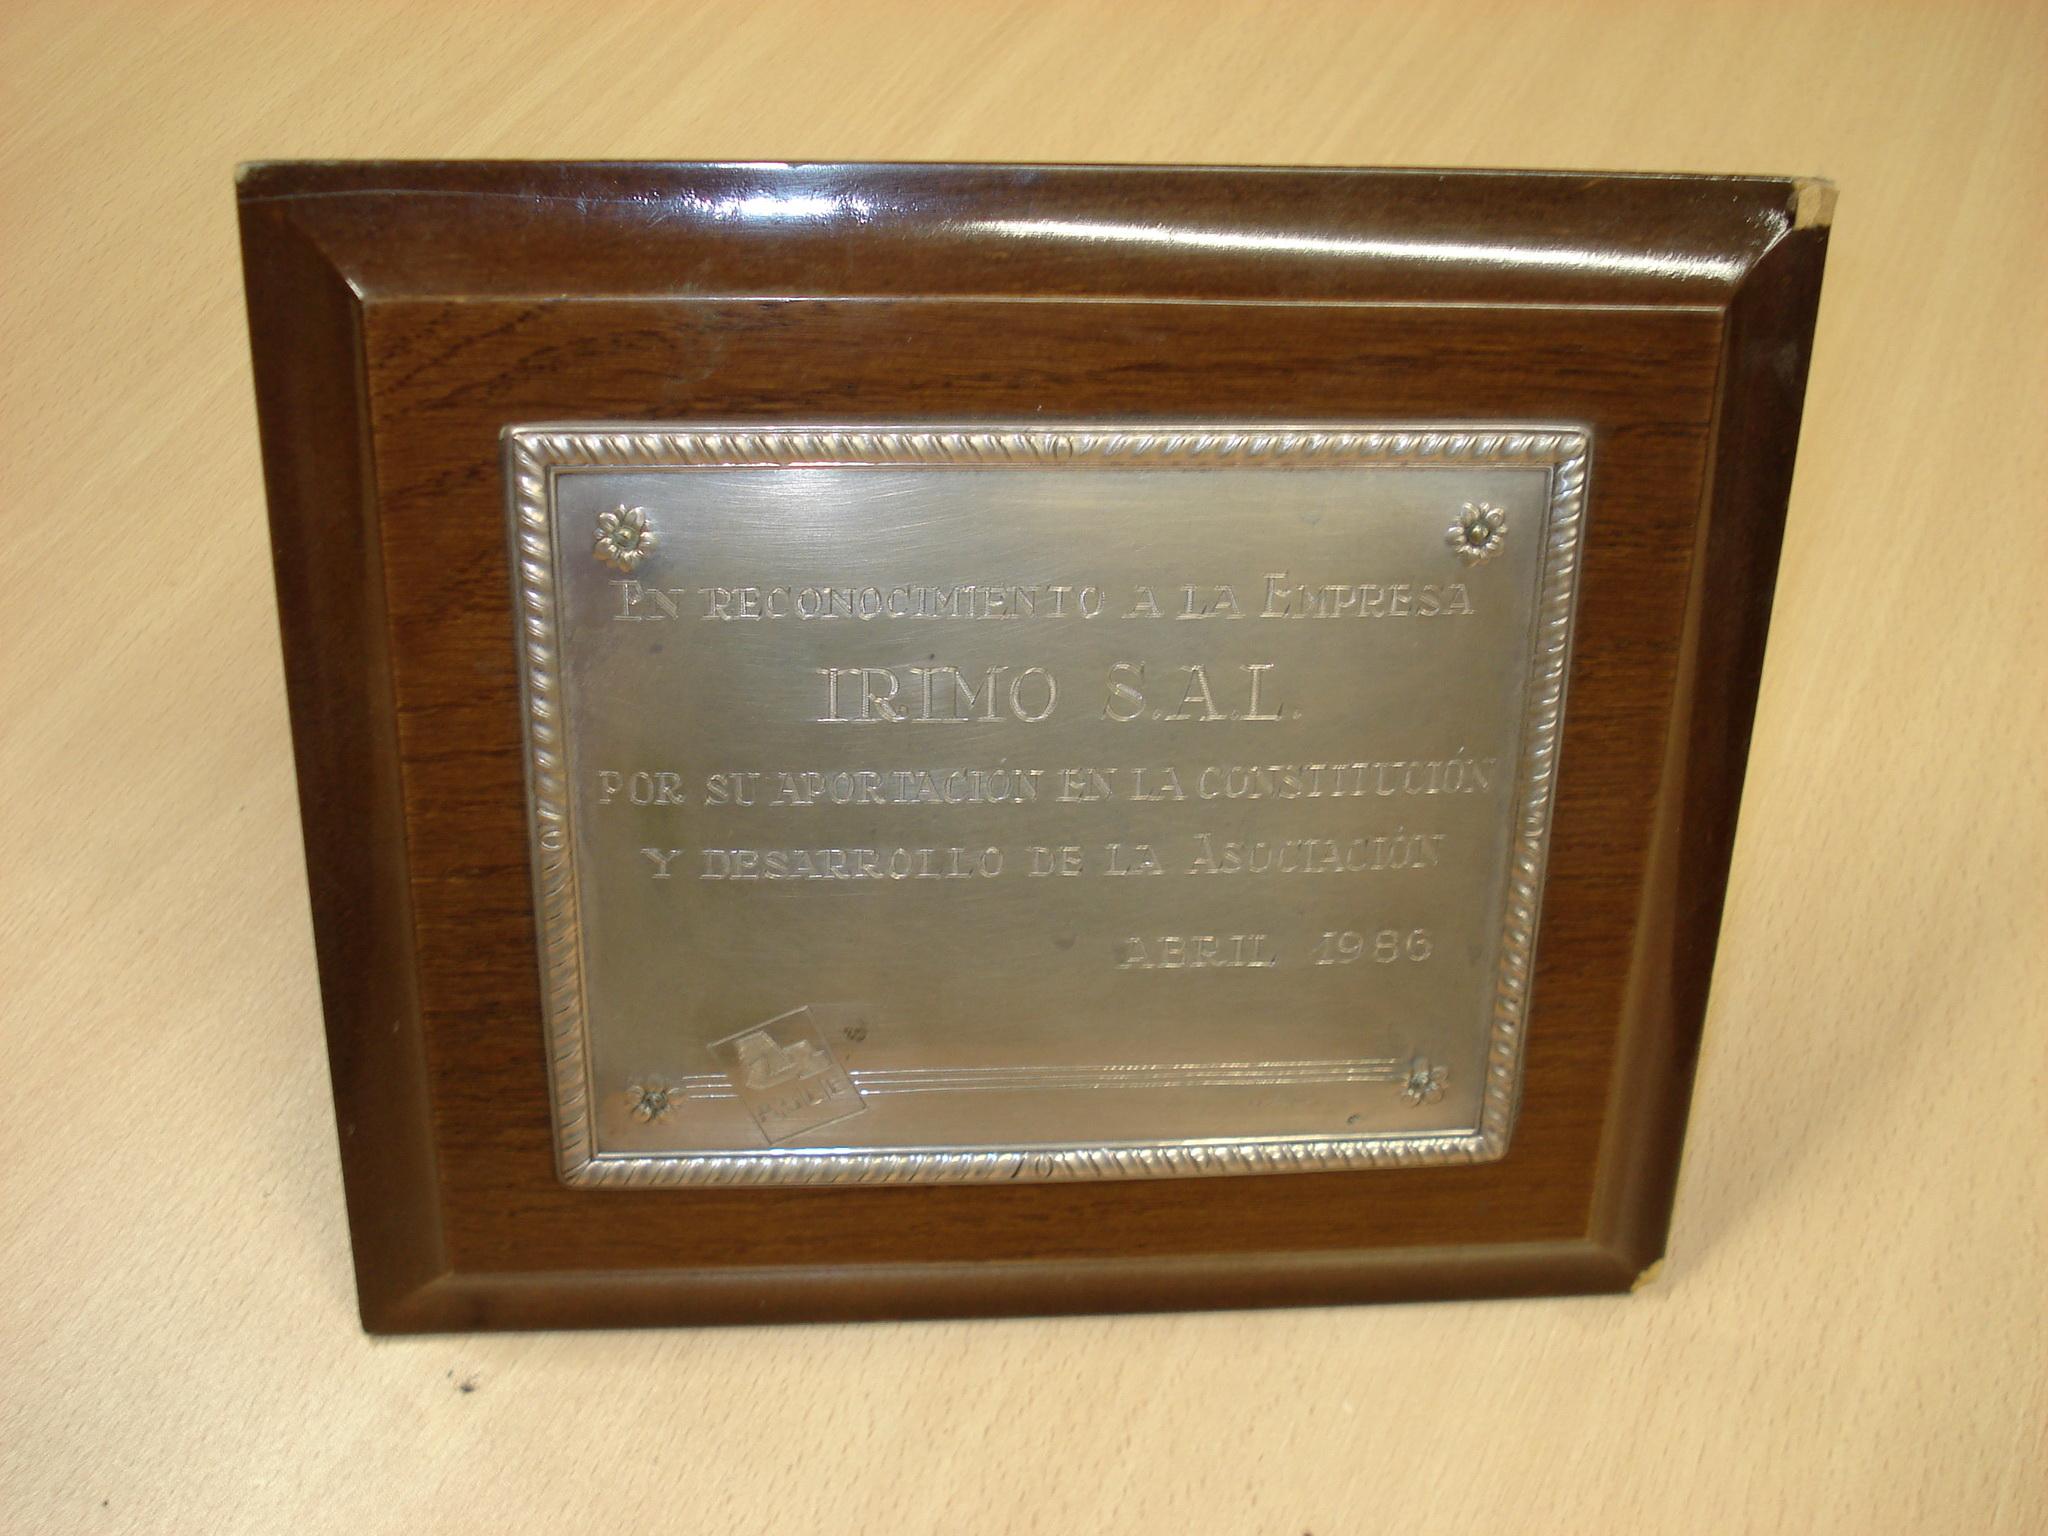 Placa en reconocimiento a la empresa IRIMO